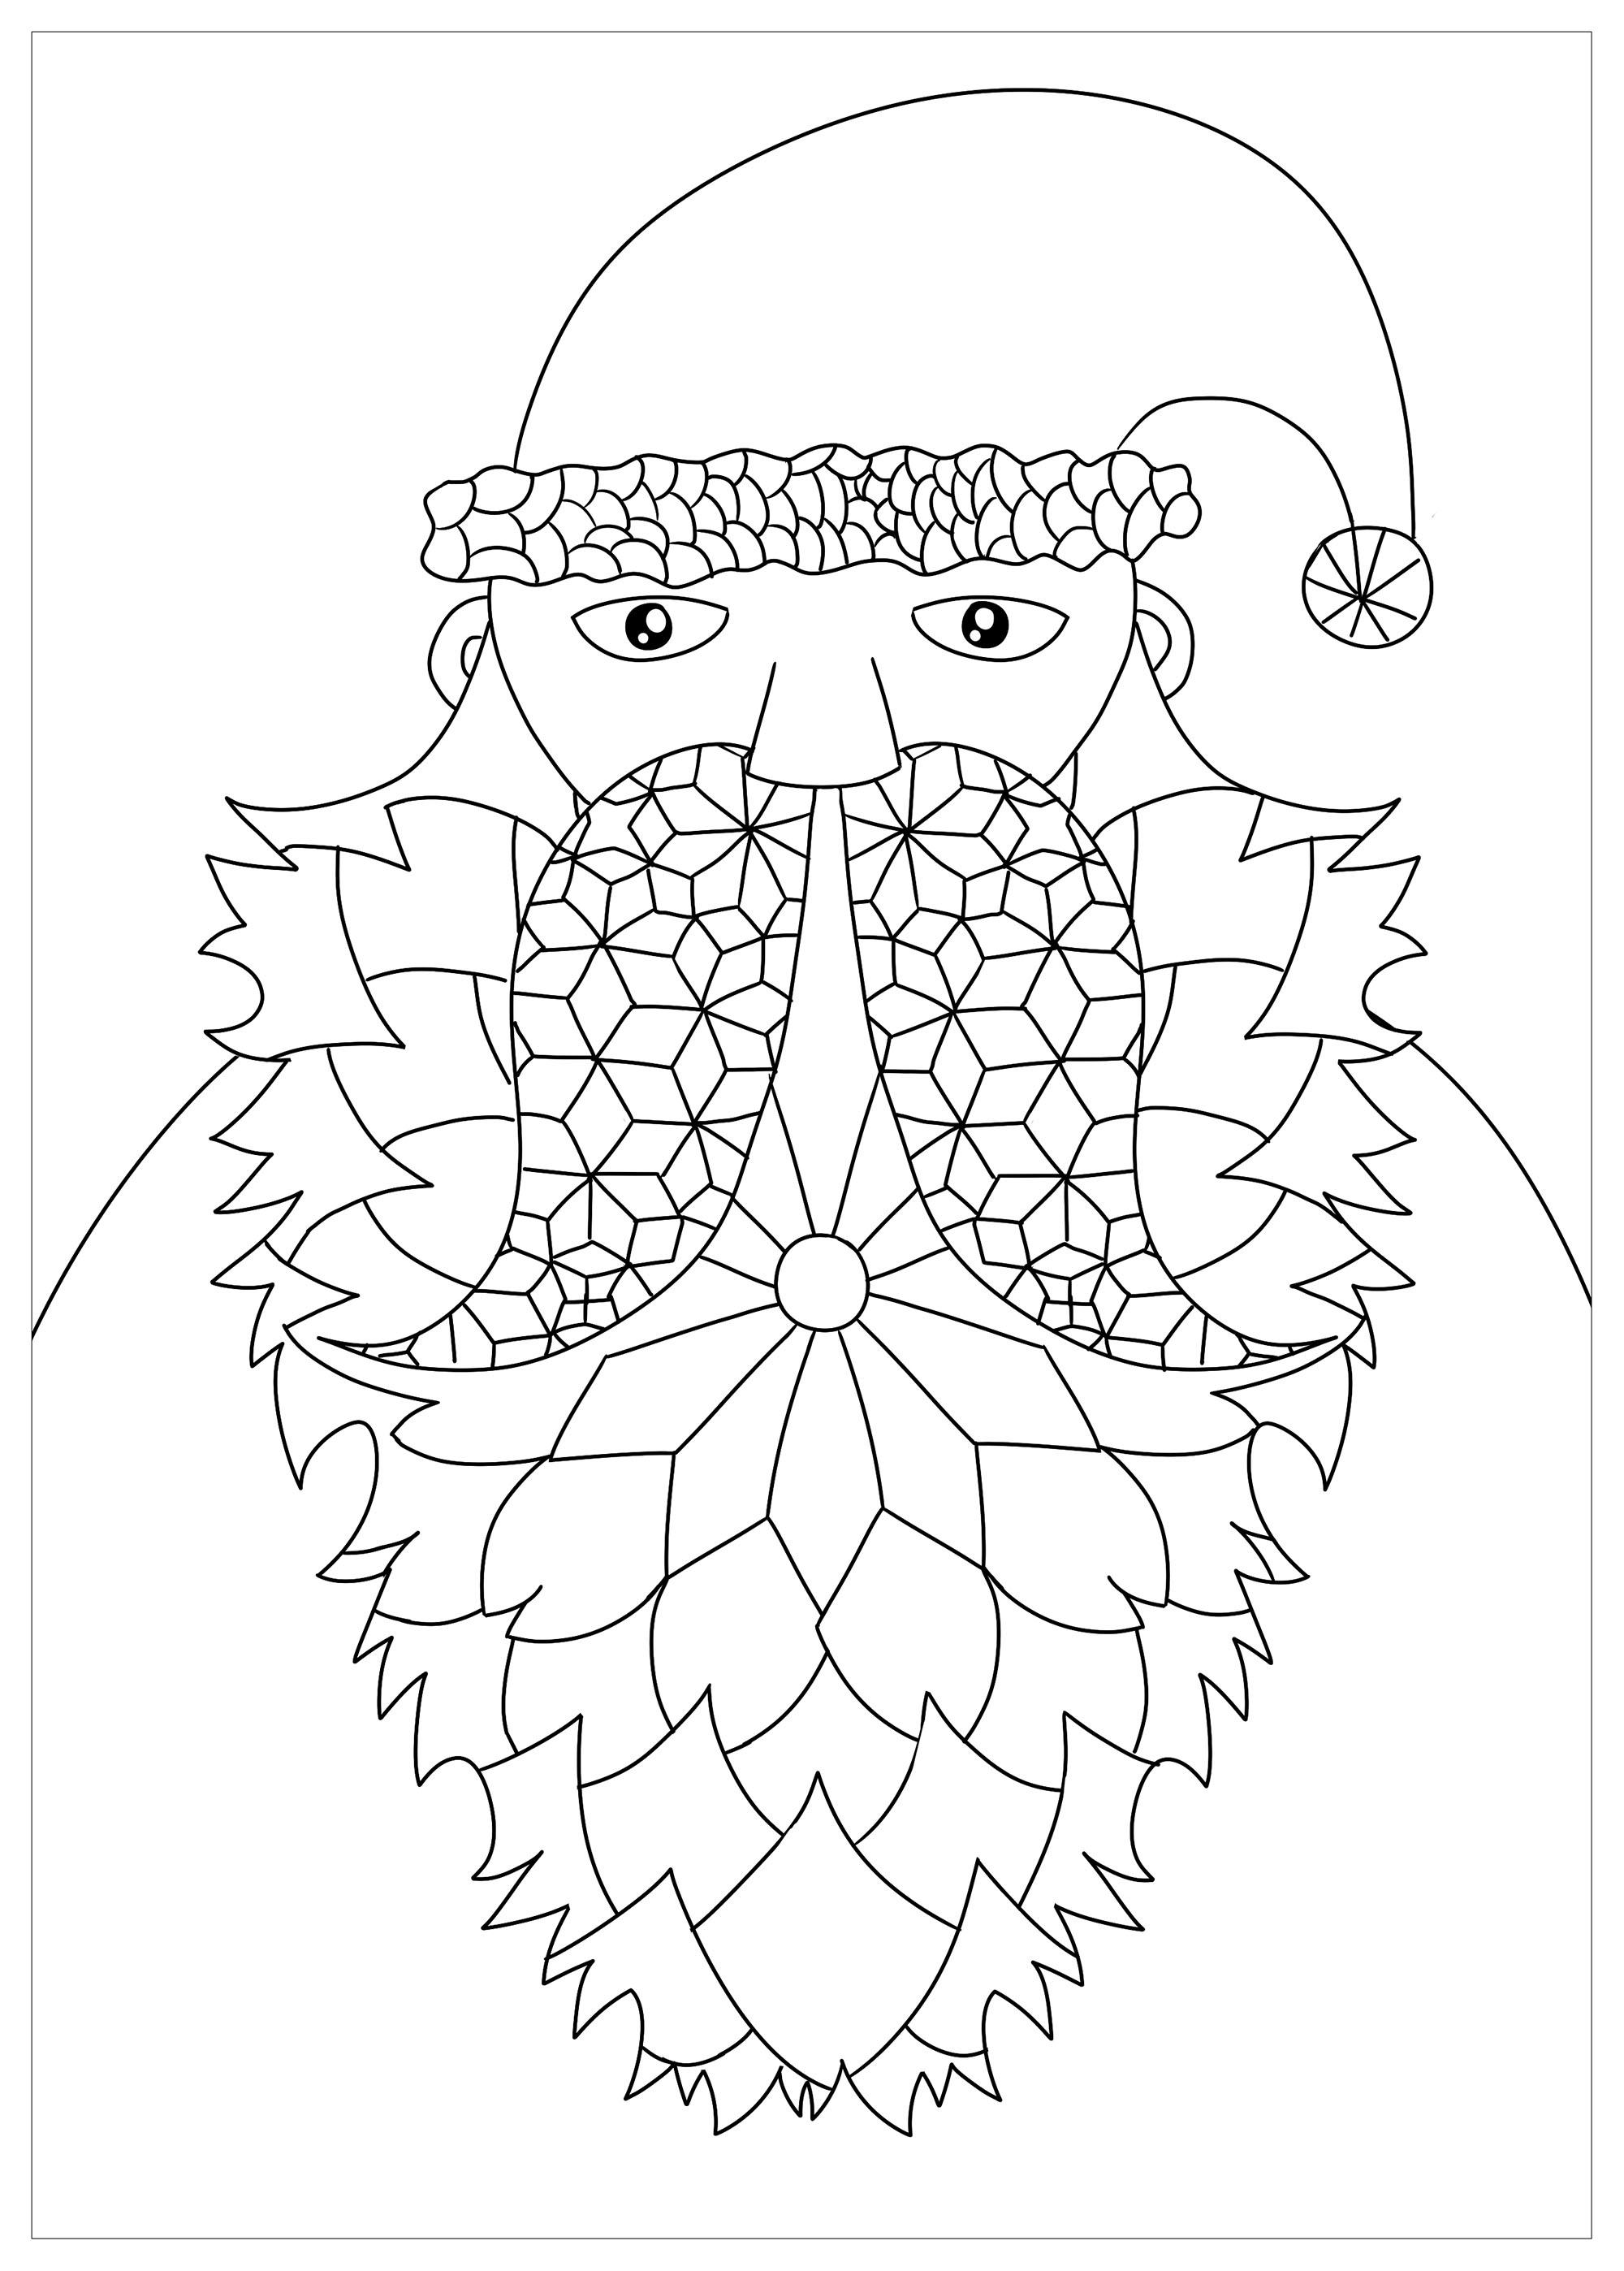 Colorear para adultos : Navidad - 2